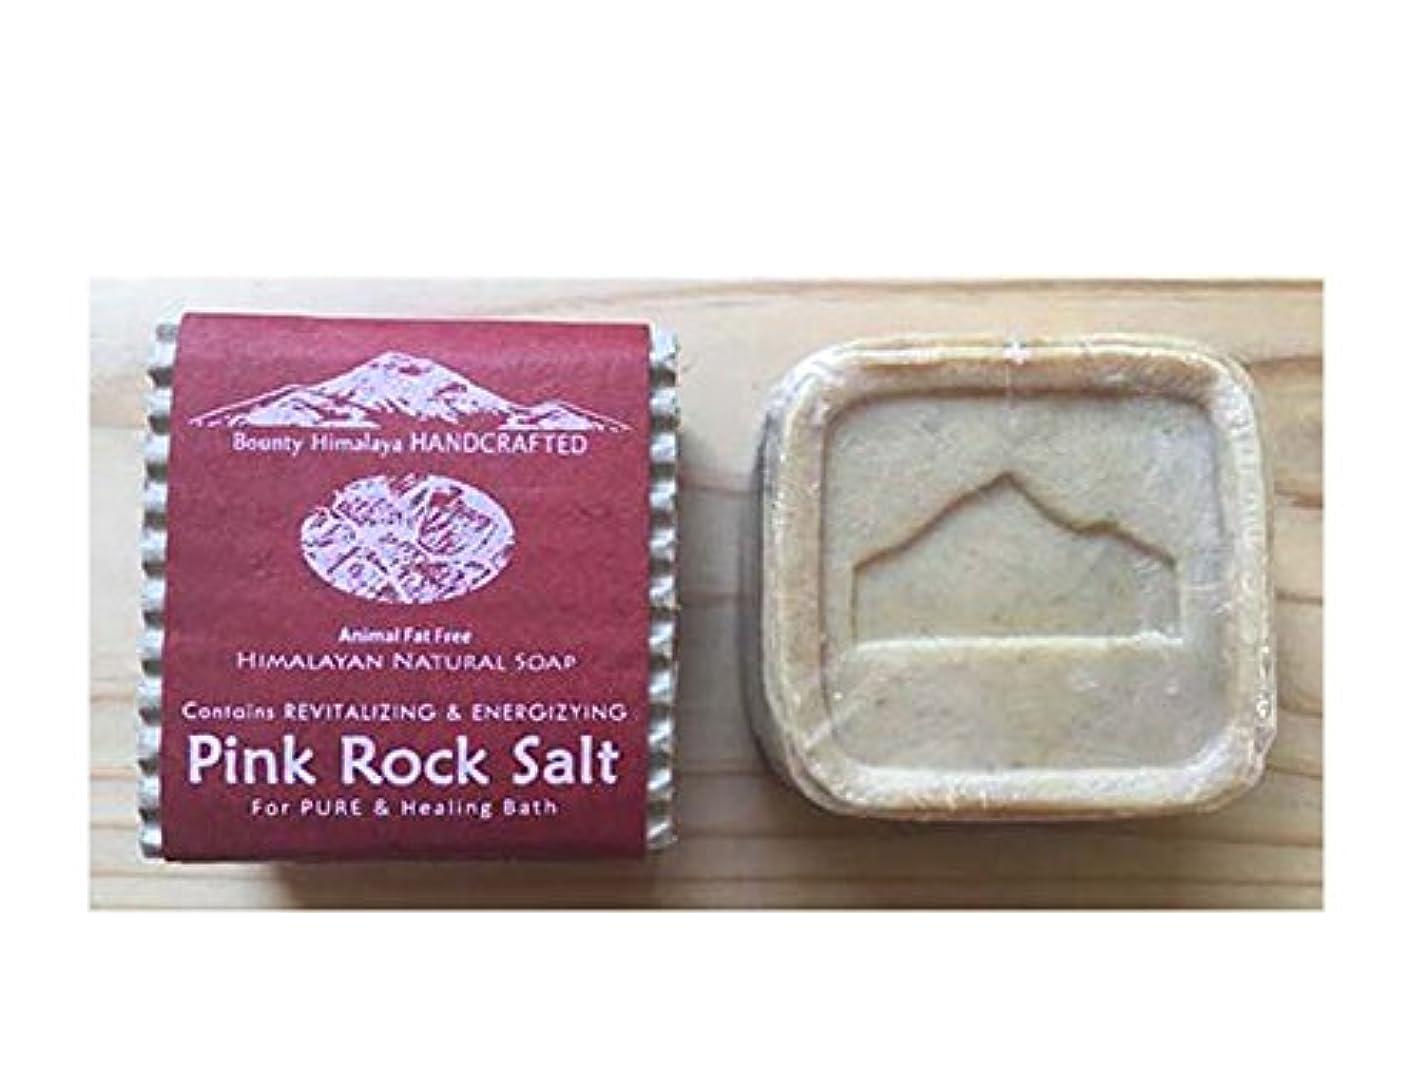 背骨モスクあいまいなアーユルヴェーダ ヒマラヤ?ロッキーソープ(ピンクロックソルトソープ) Bounty Himalaya Pink Rock Salt SOAP(NEPAL AYURVEDA) 100g